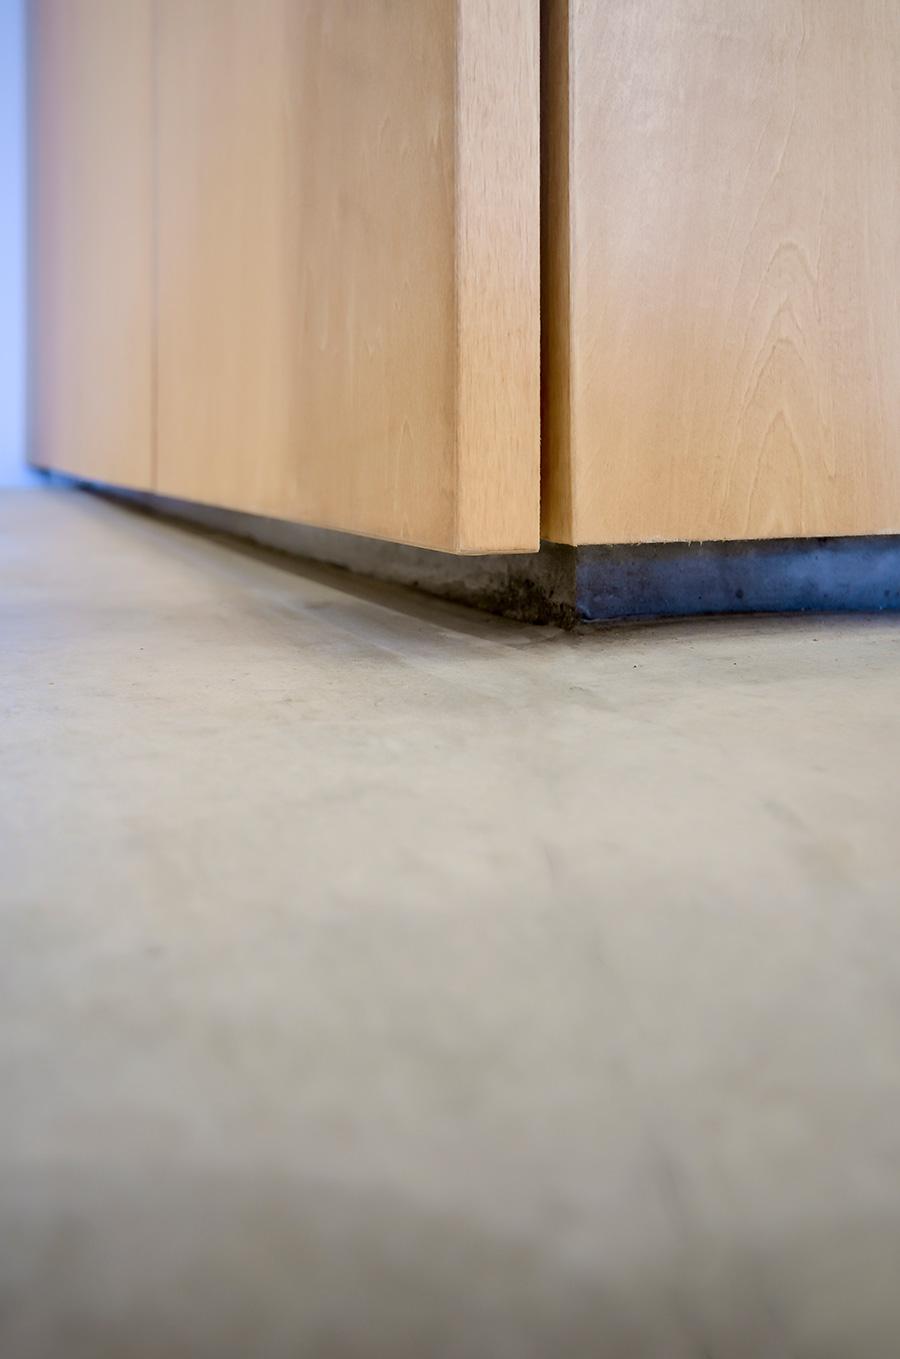 靴棚の扉と床の間に5㎝ほどの空間を作り、軽さを演出。